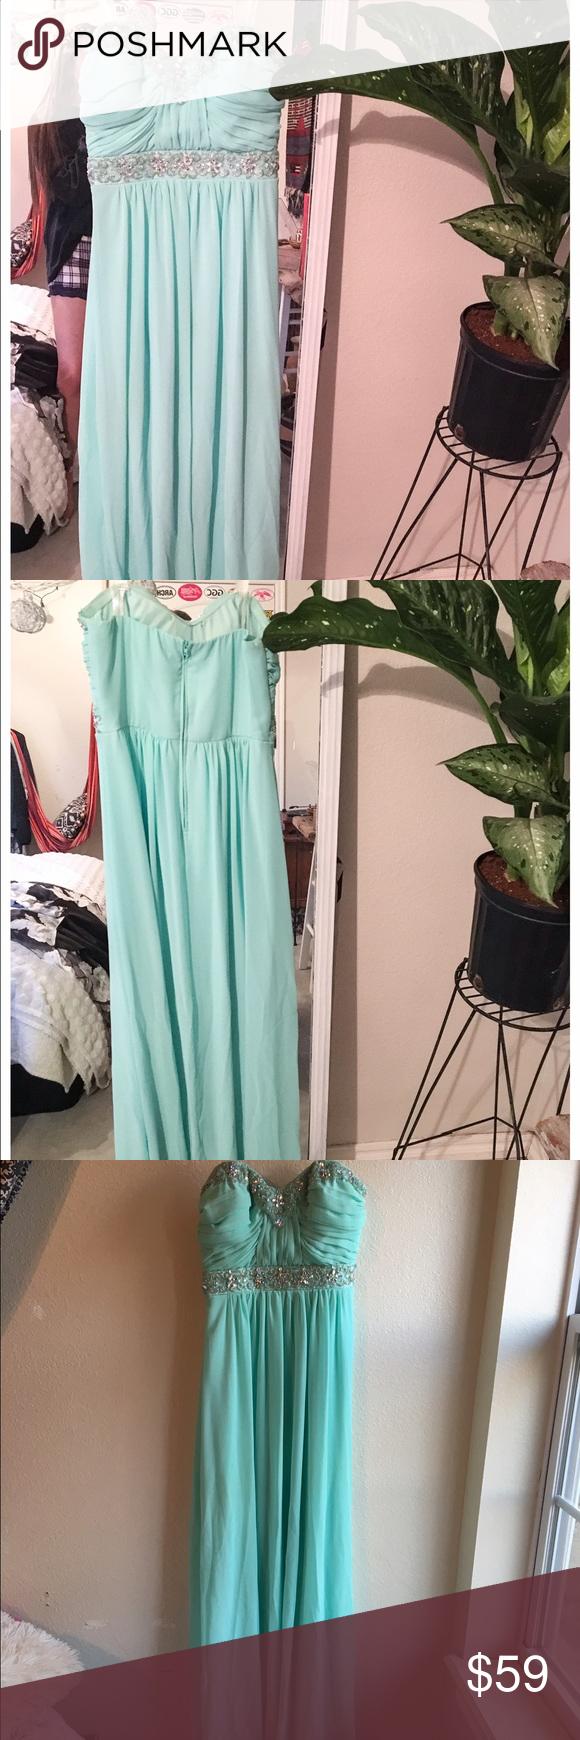 Promformal dress